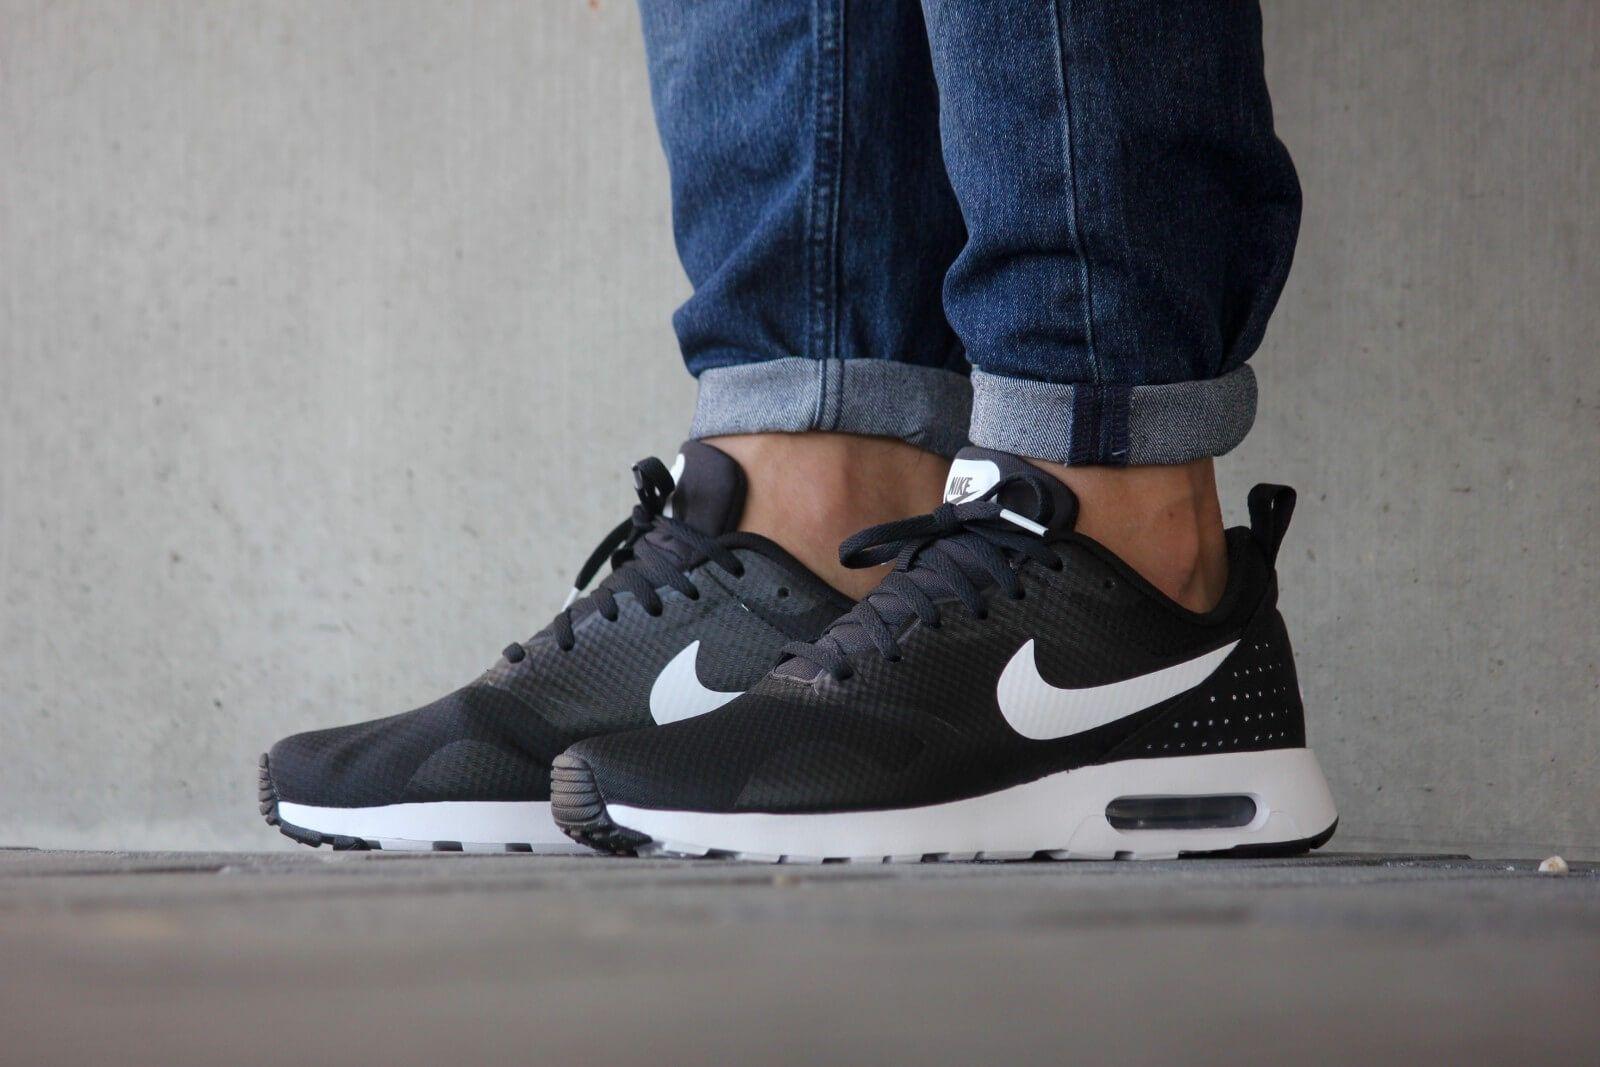 Nike Air Max Tavas Black White White | Footshop